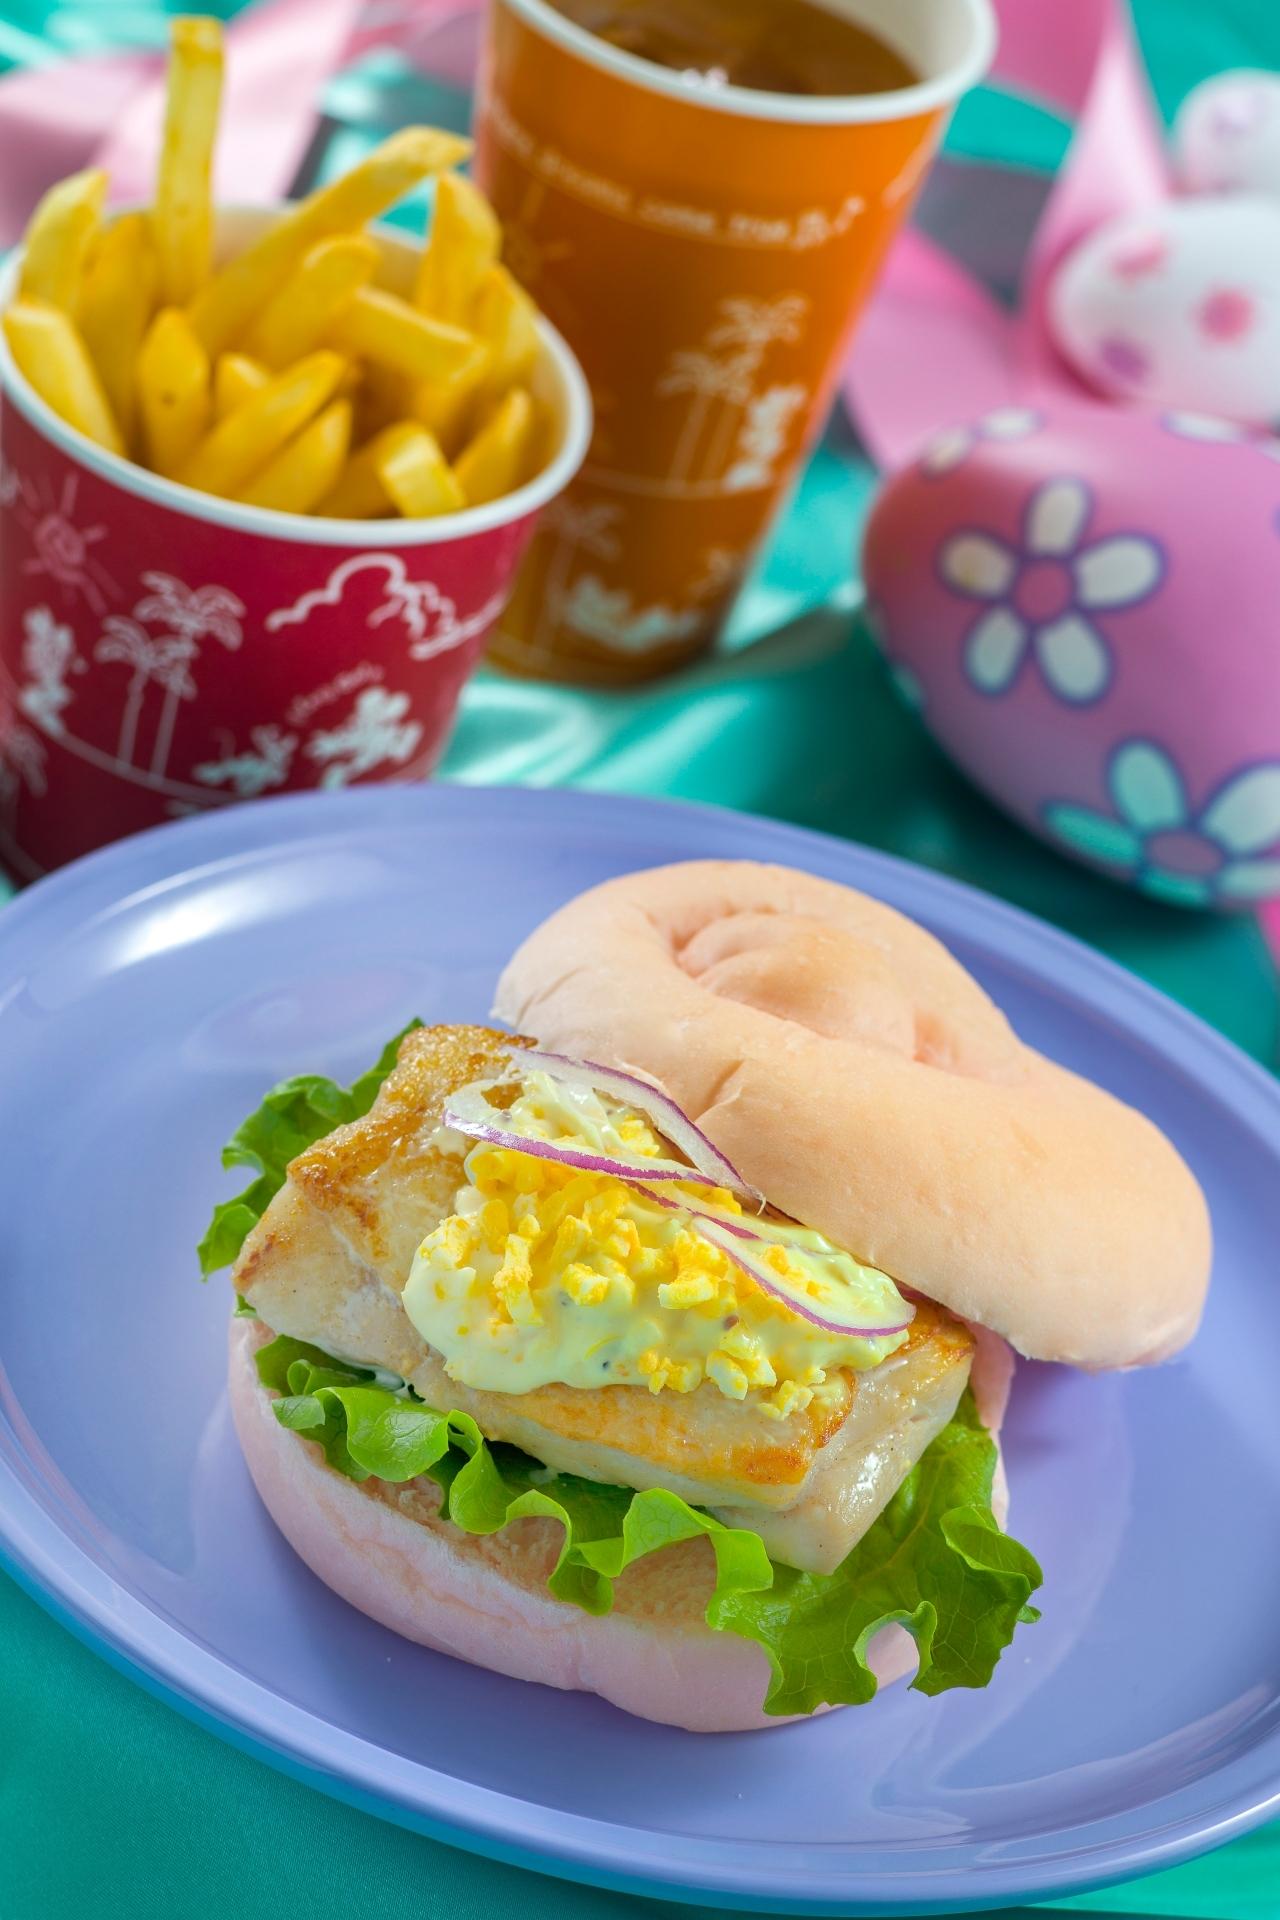 「セバスチャンのカリプソキッチン」  スペシャルセット 990 円 ディズニー・イースター 東京ディズニーシー